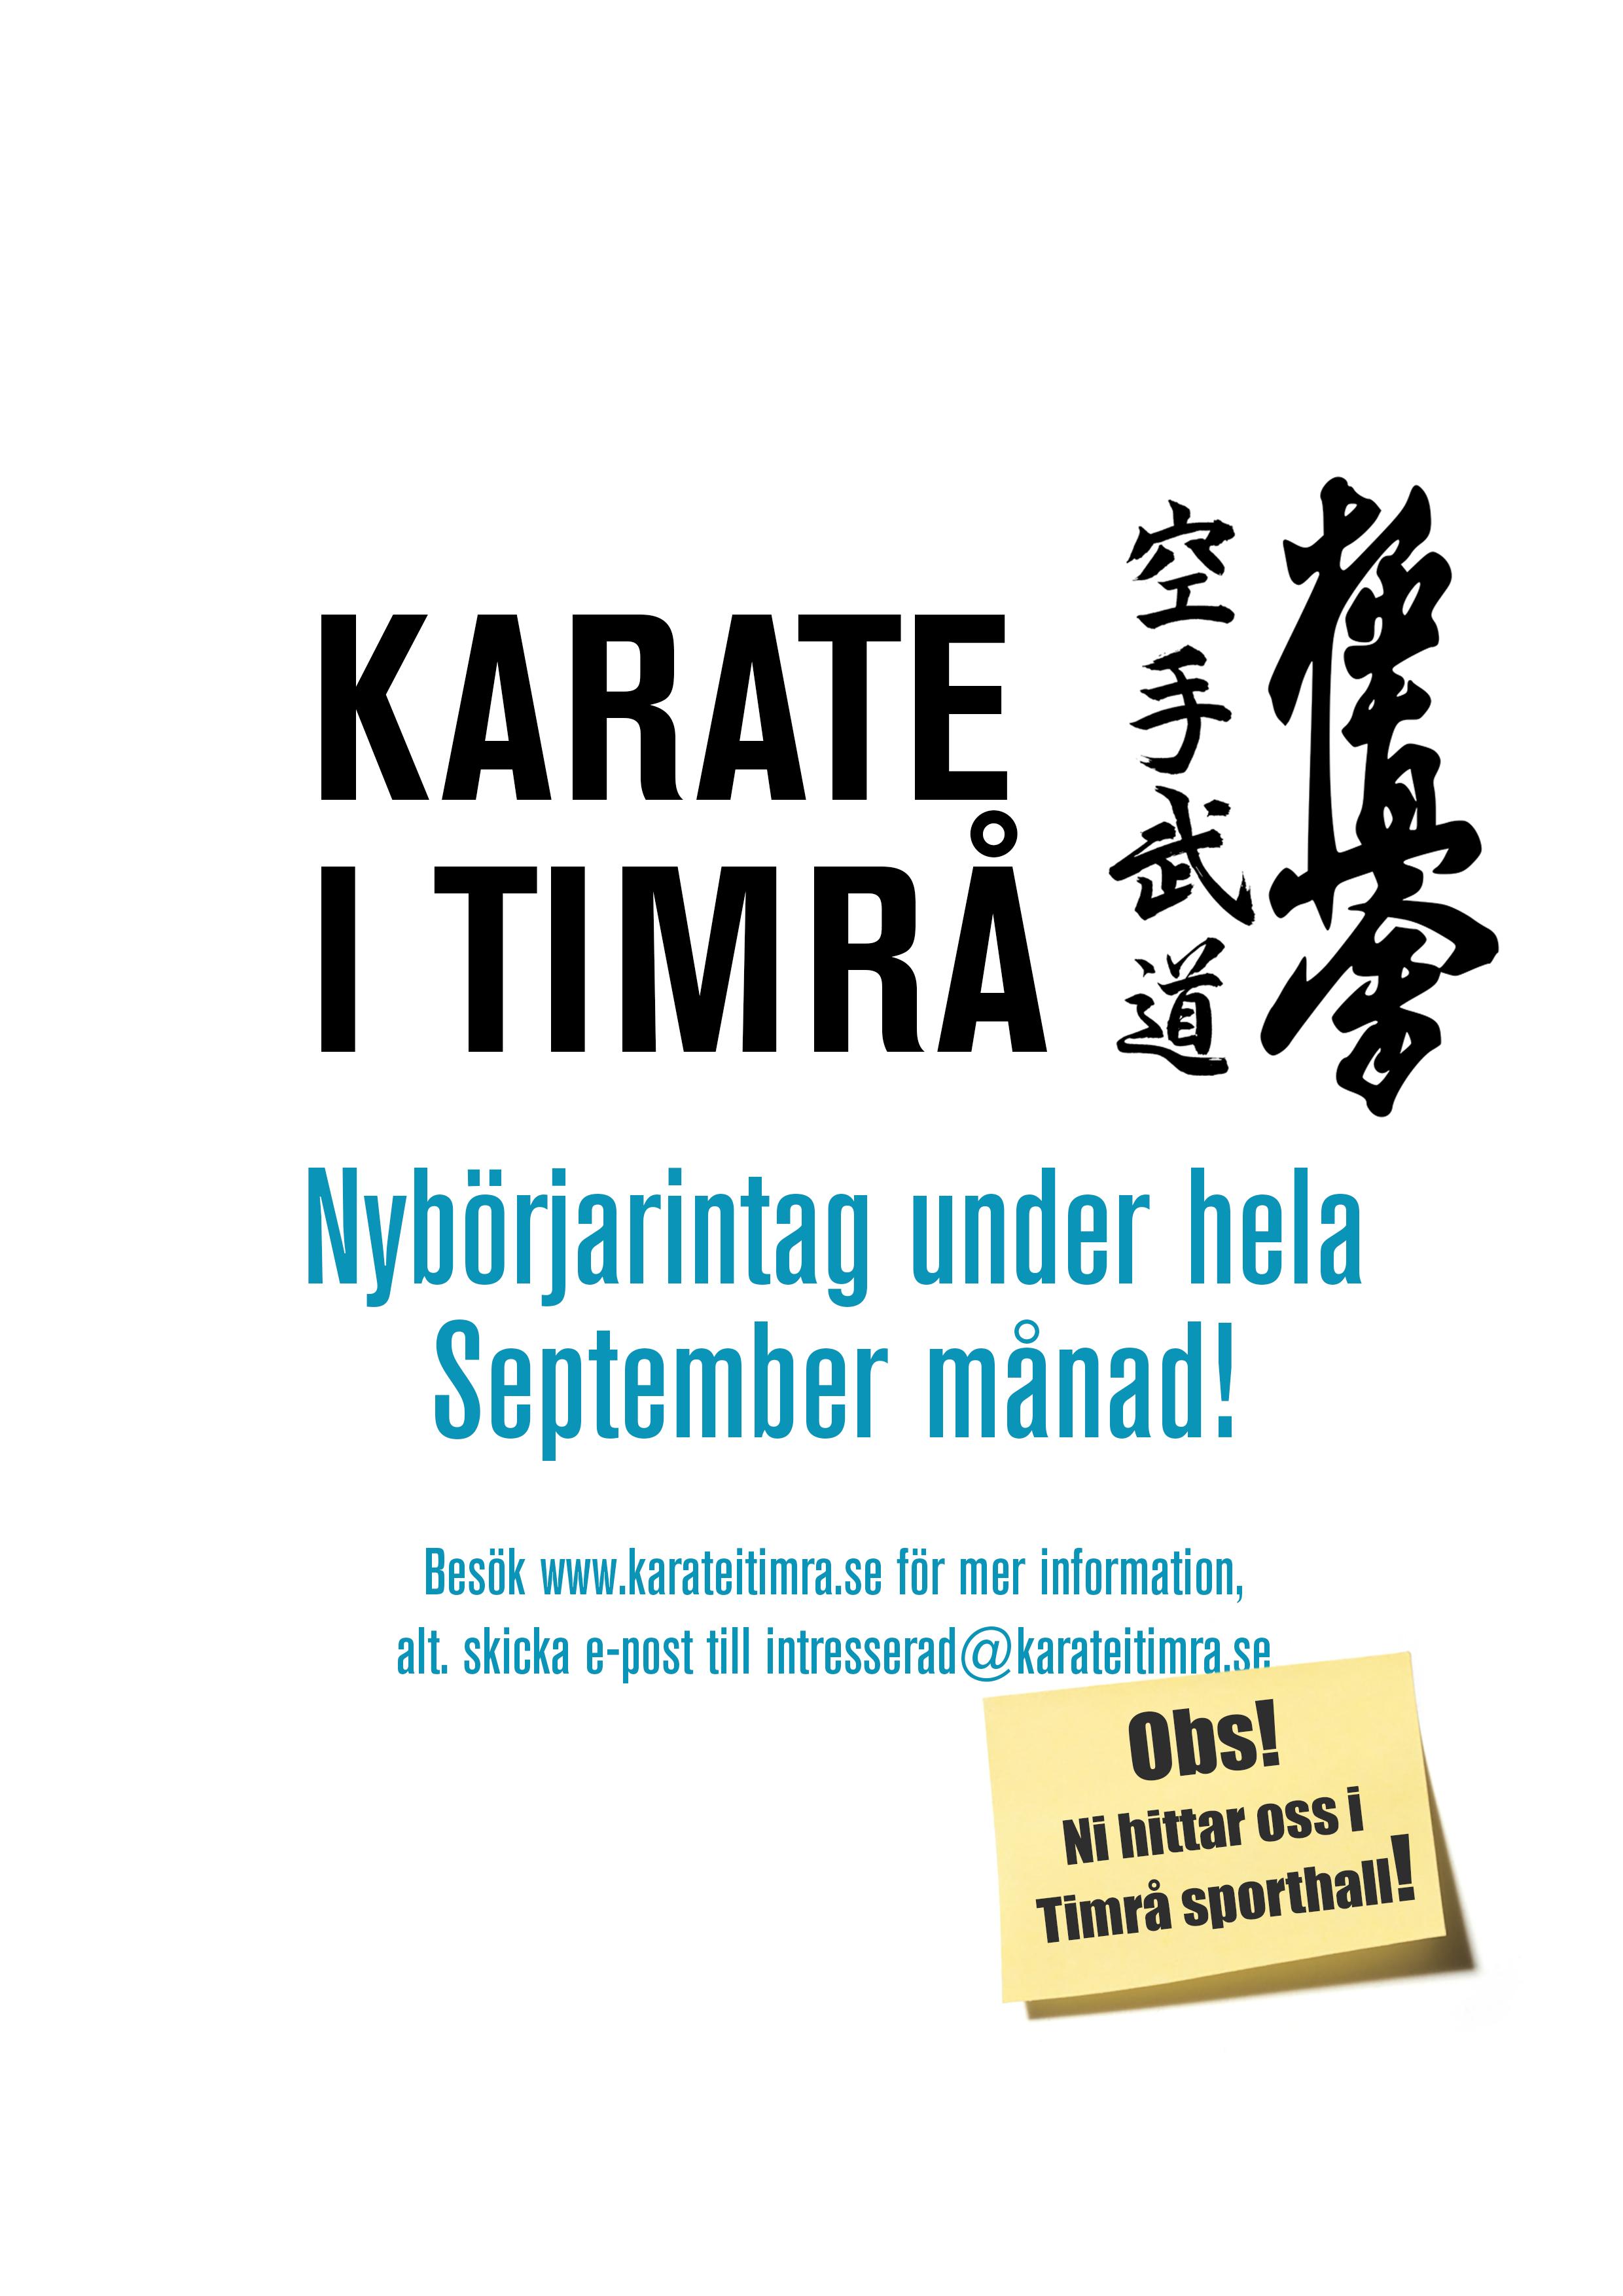 Karate i timrå affisch ht 2018